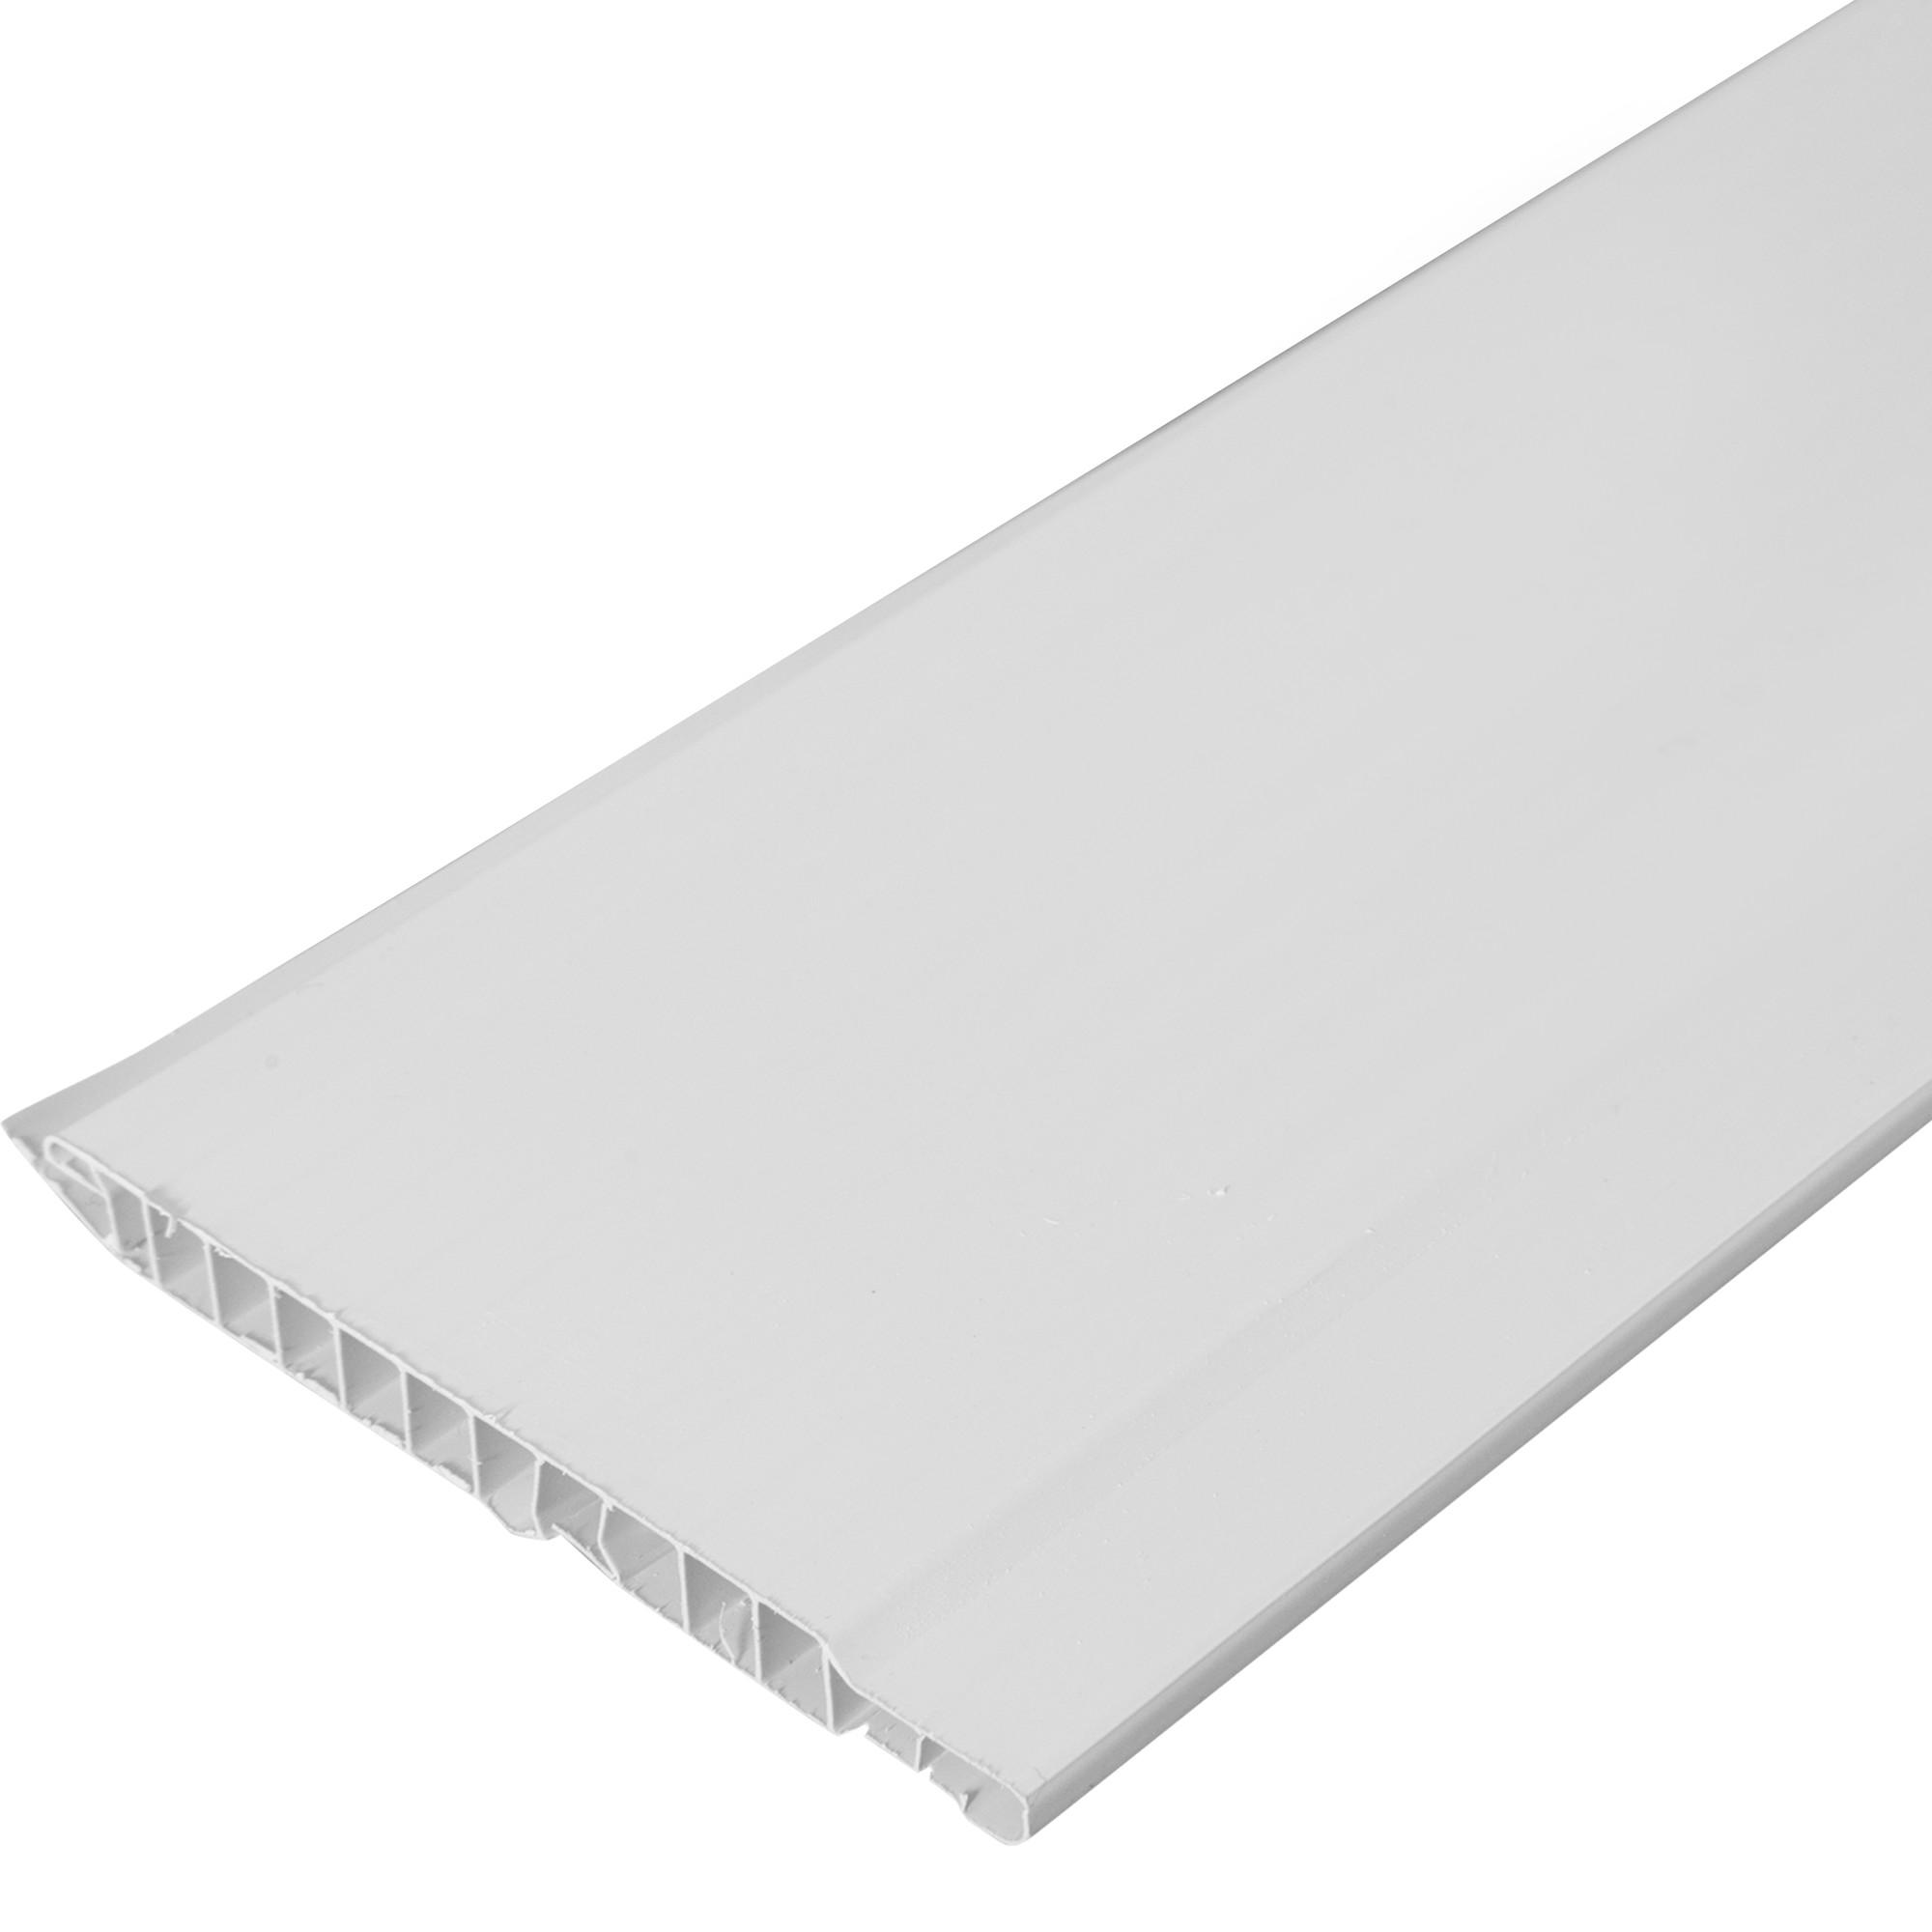 Вагонка ПВХ 10x100x3000 мм, цвет белый